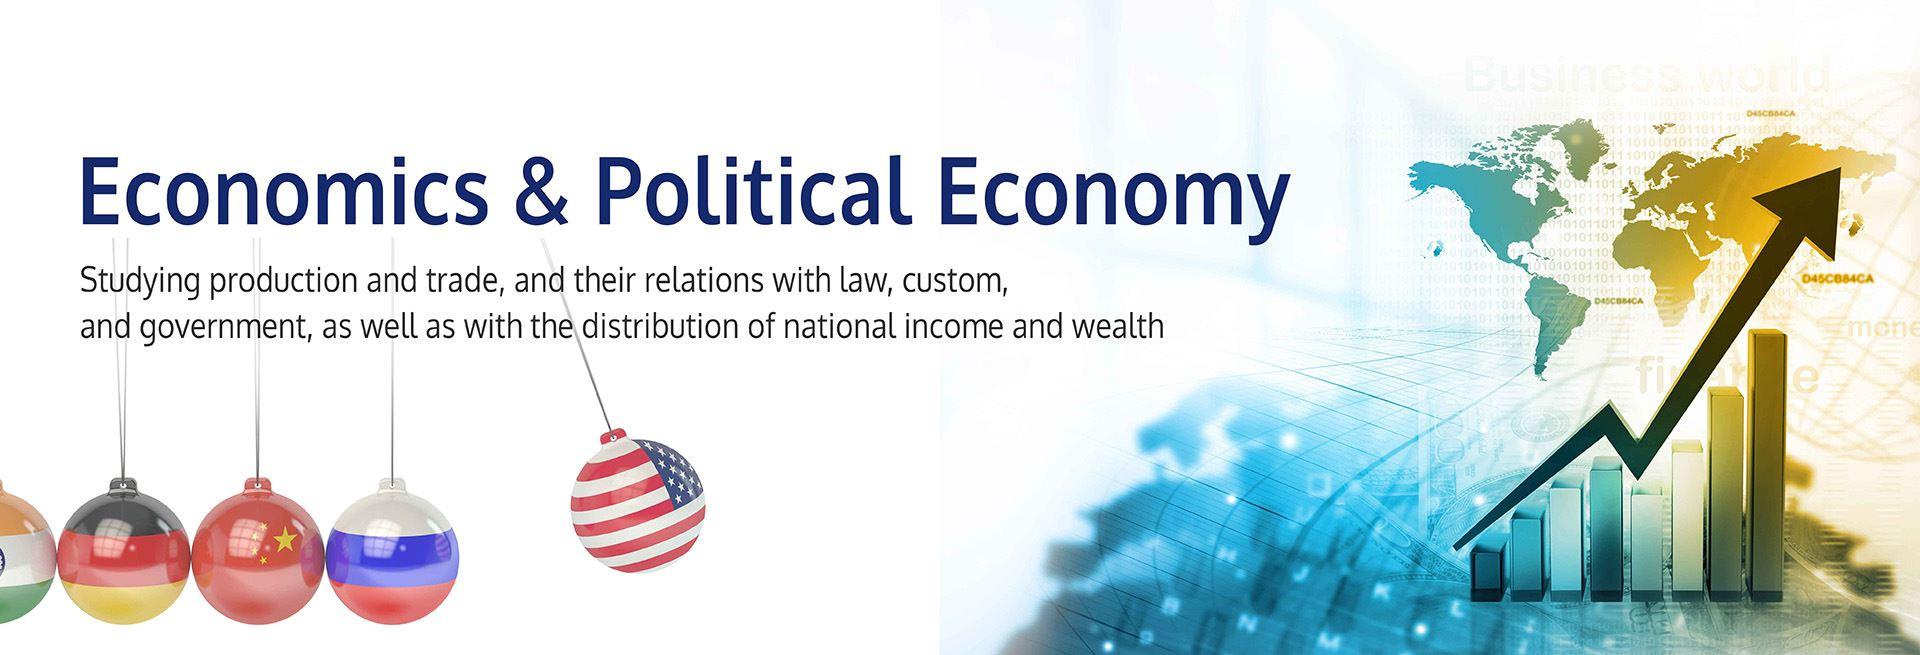 Economics & Political Economy